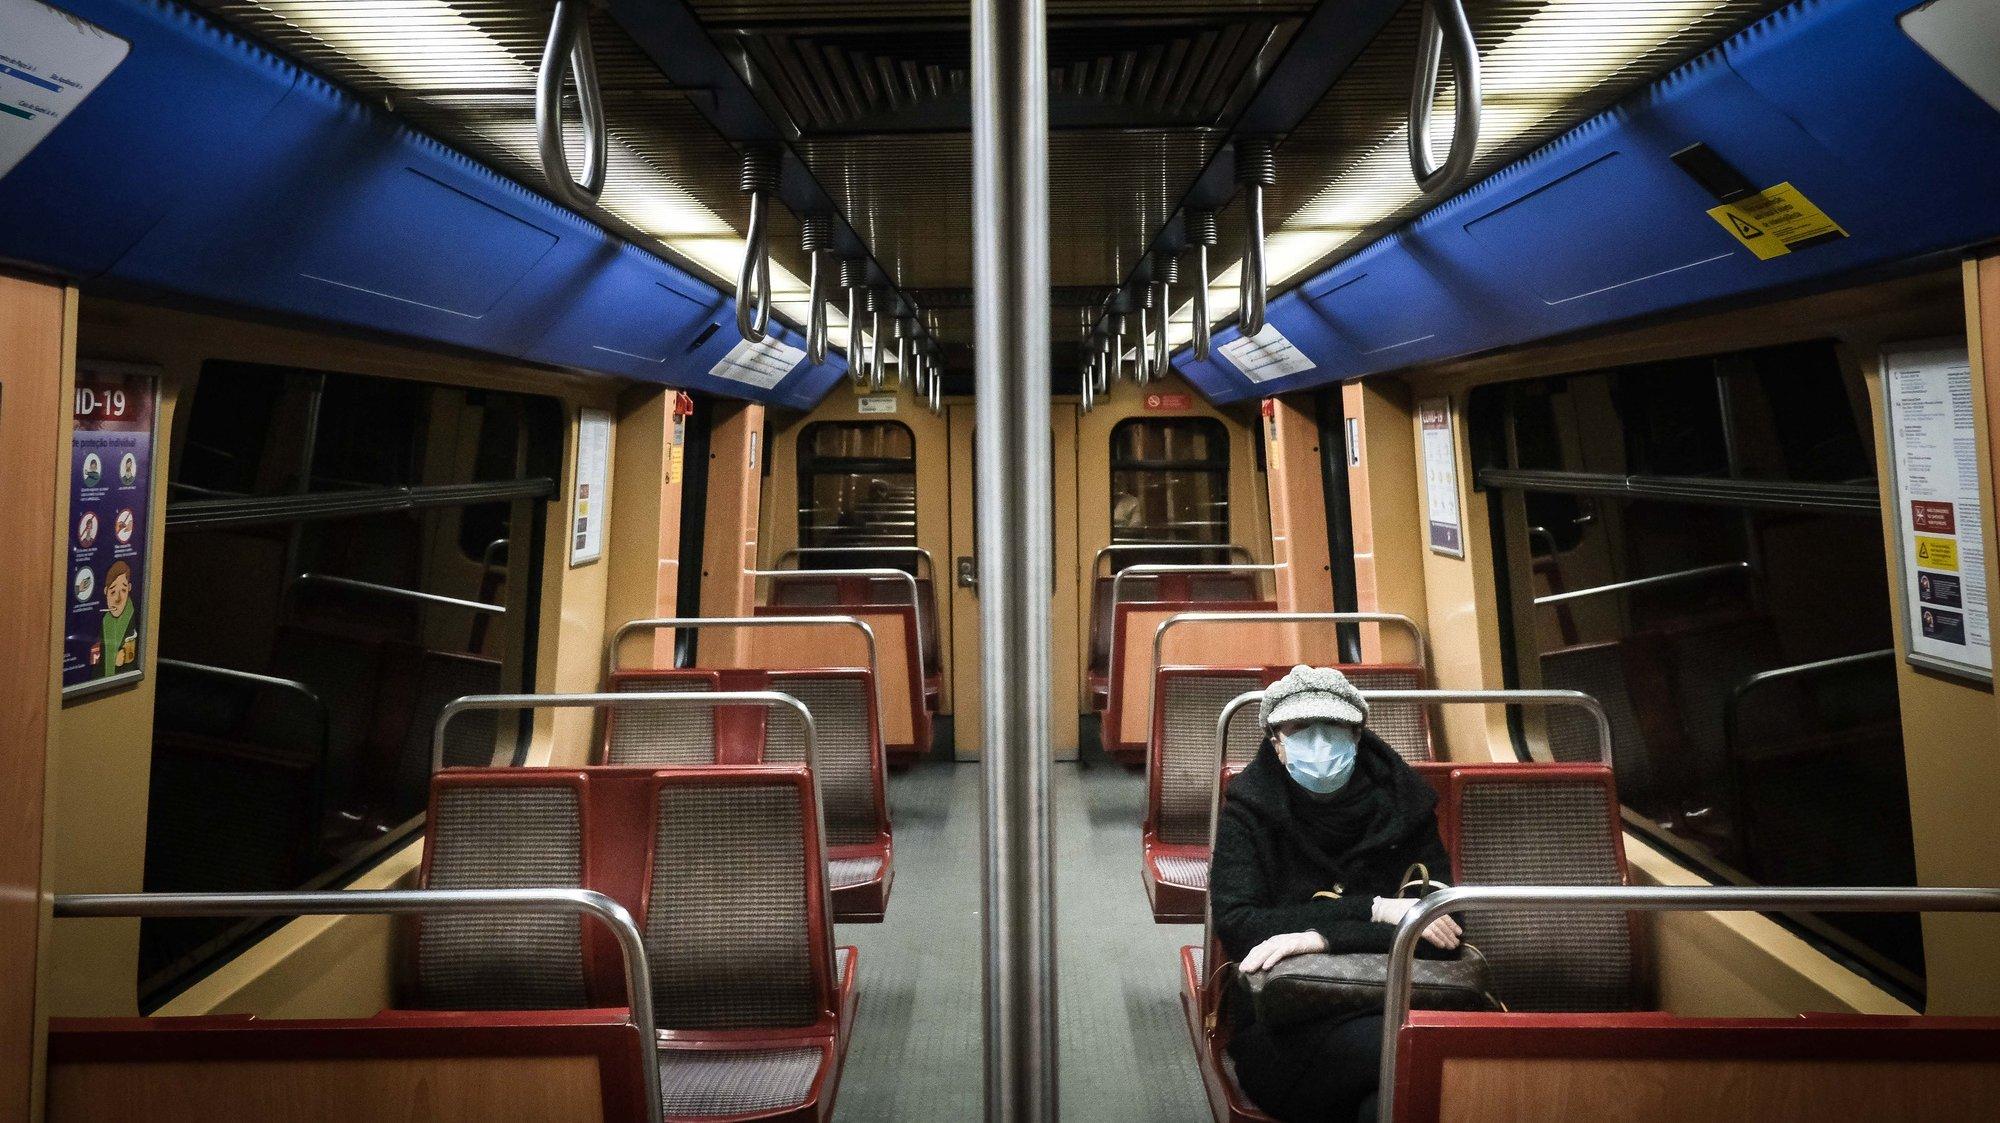 CONJUNTO DE 30 FOTOGRAFIAS SOBRE UM ANO DE ESTADO DE EMERGÊNCIA: 03-30: Foto datada de 03/04/2020: Uma mulher dentro do metro em Lisboa, Portugal, 03 de Abril de 2020. Ontem, o Parlamento português aprovou o decreto para prolongar o estado de emergência até 17 de Abril devido ao surto de coronavírus (COVID-19). MARIO CRUZ/LUSA